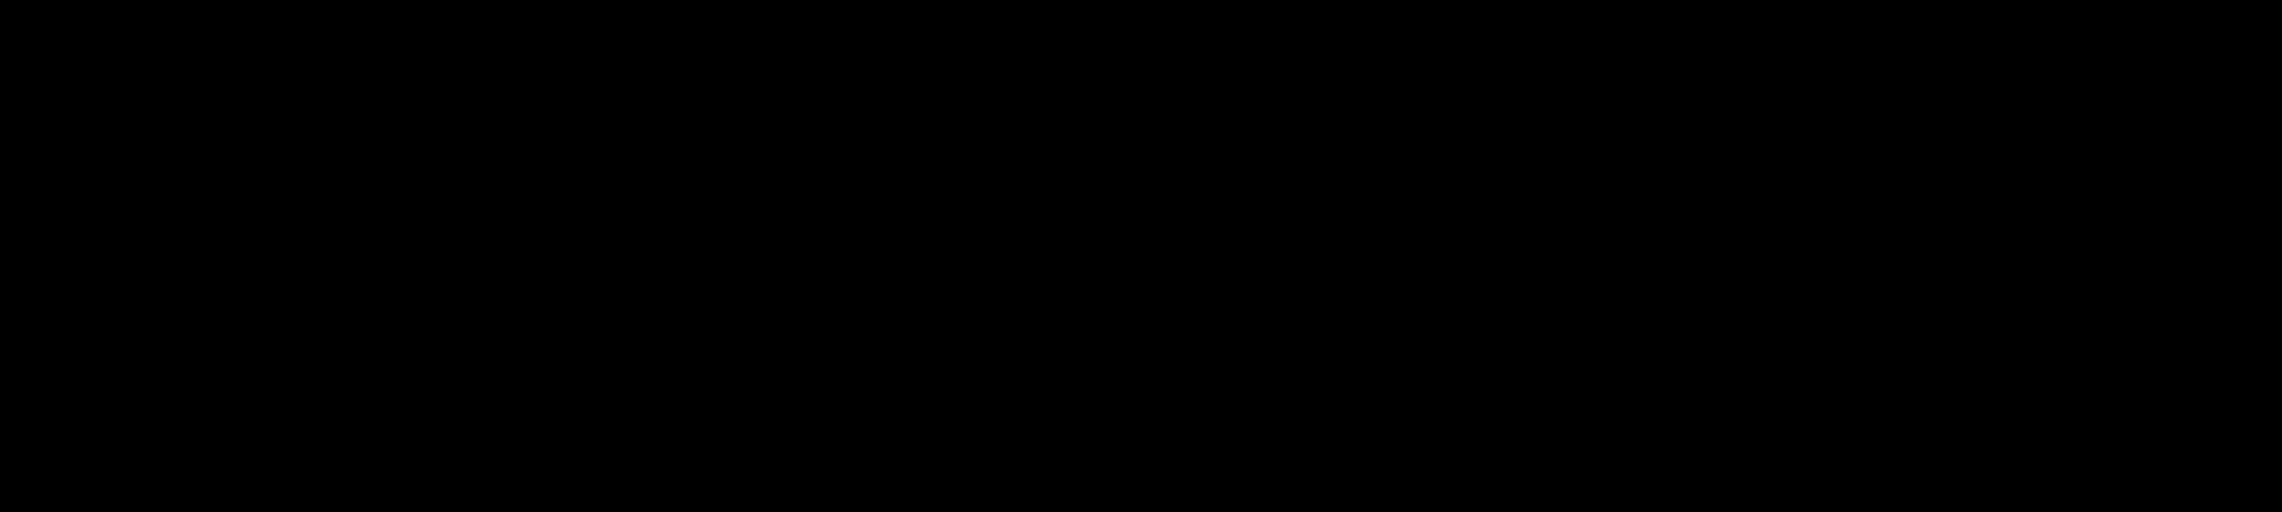 Madison and Sunset logo